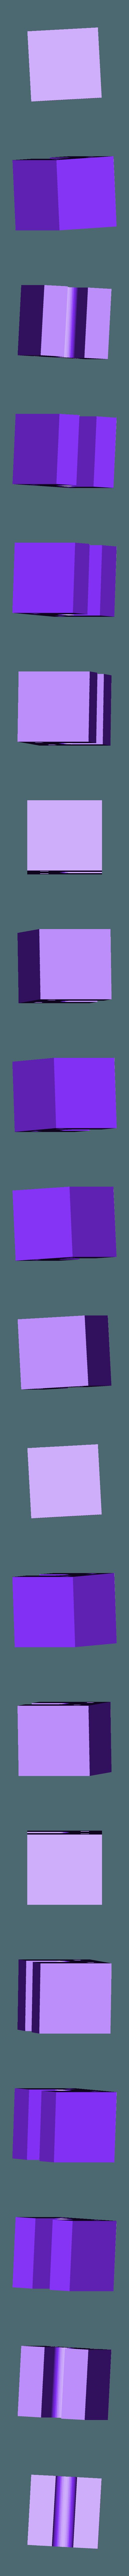 weird_square.STL Télécharger fichier STL gratuit École Poudlard • Plan imprimable en 3D, Urgnarb